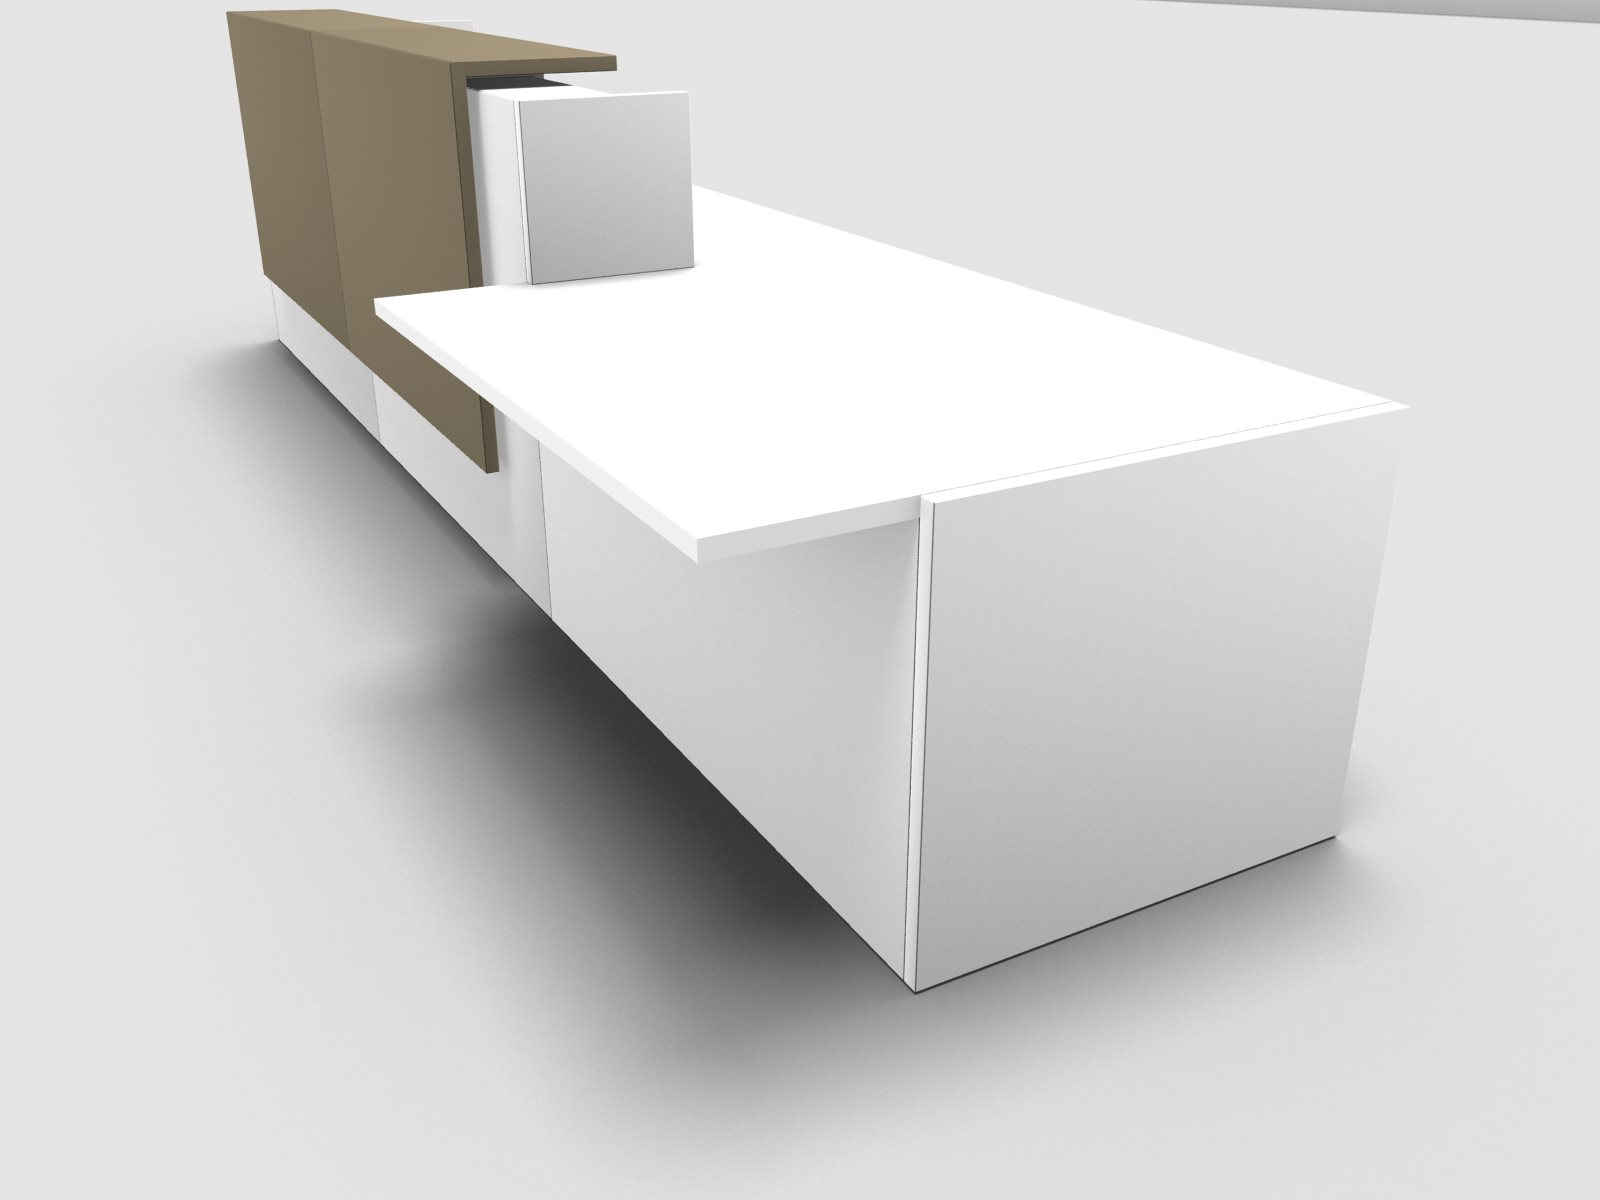 Büromöbel preiswert und schnell - Quadrifoglio Z2 Empfangstheke C45 ...